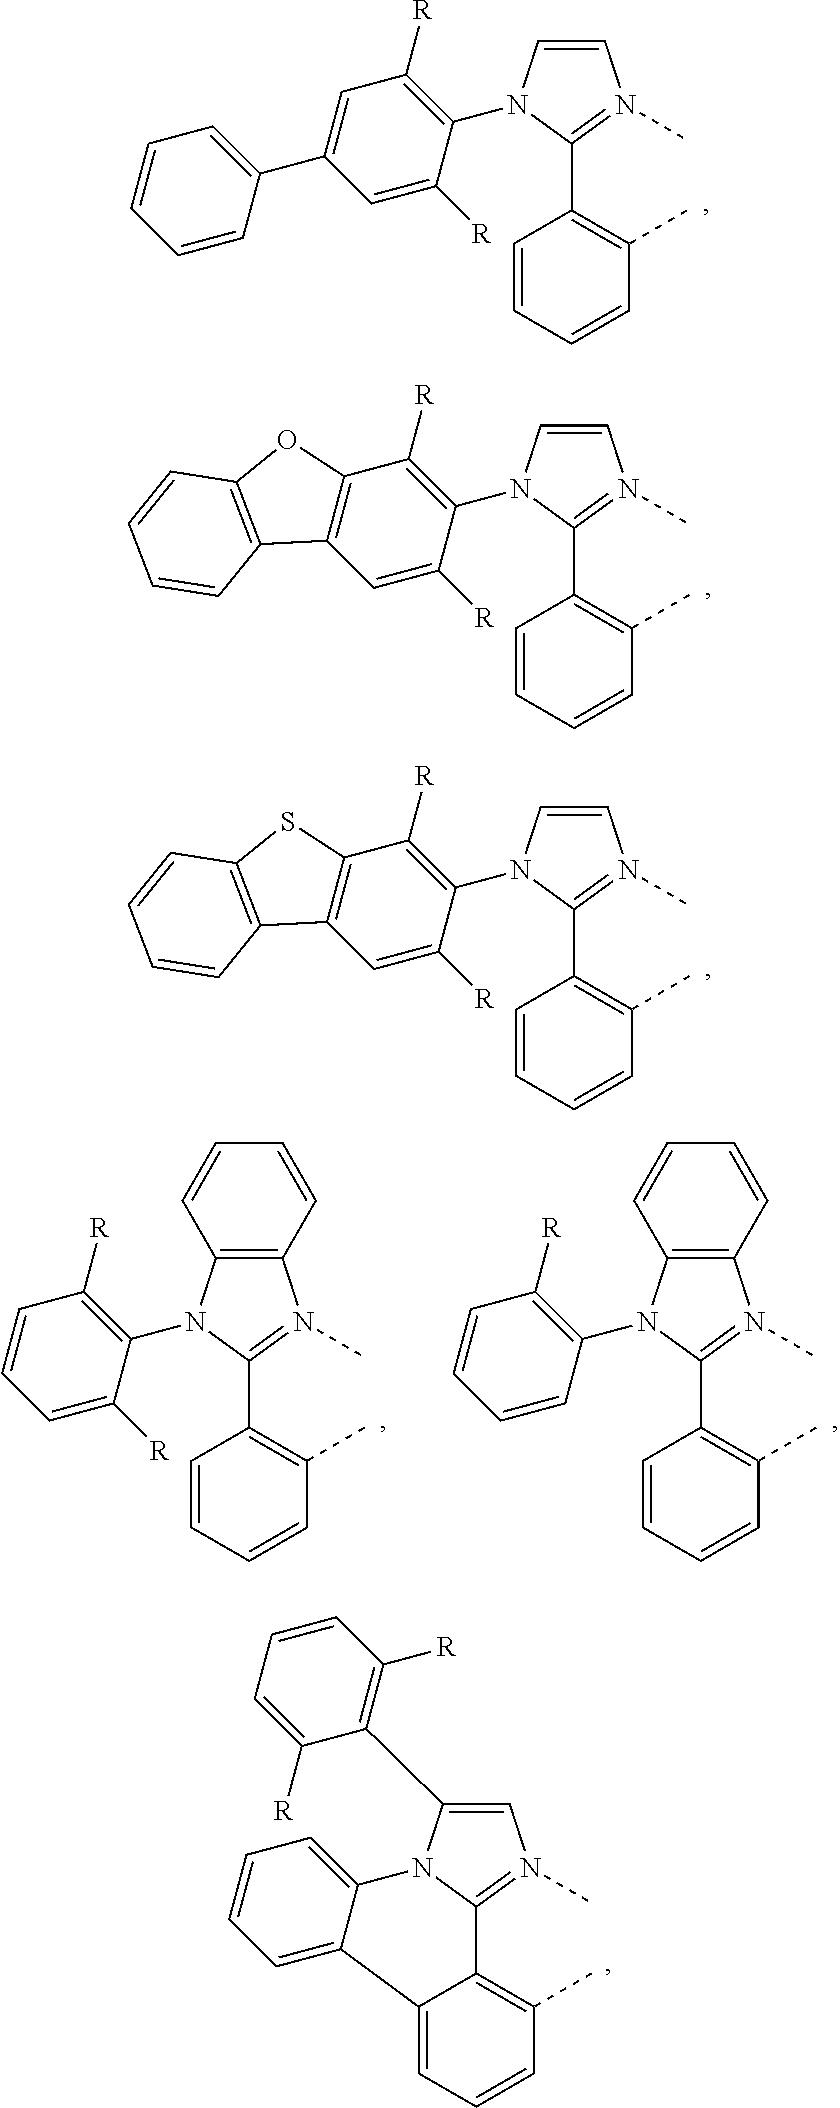 Figure US20180130962A1-20180510-C00028